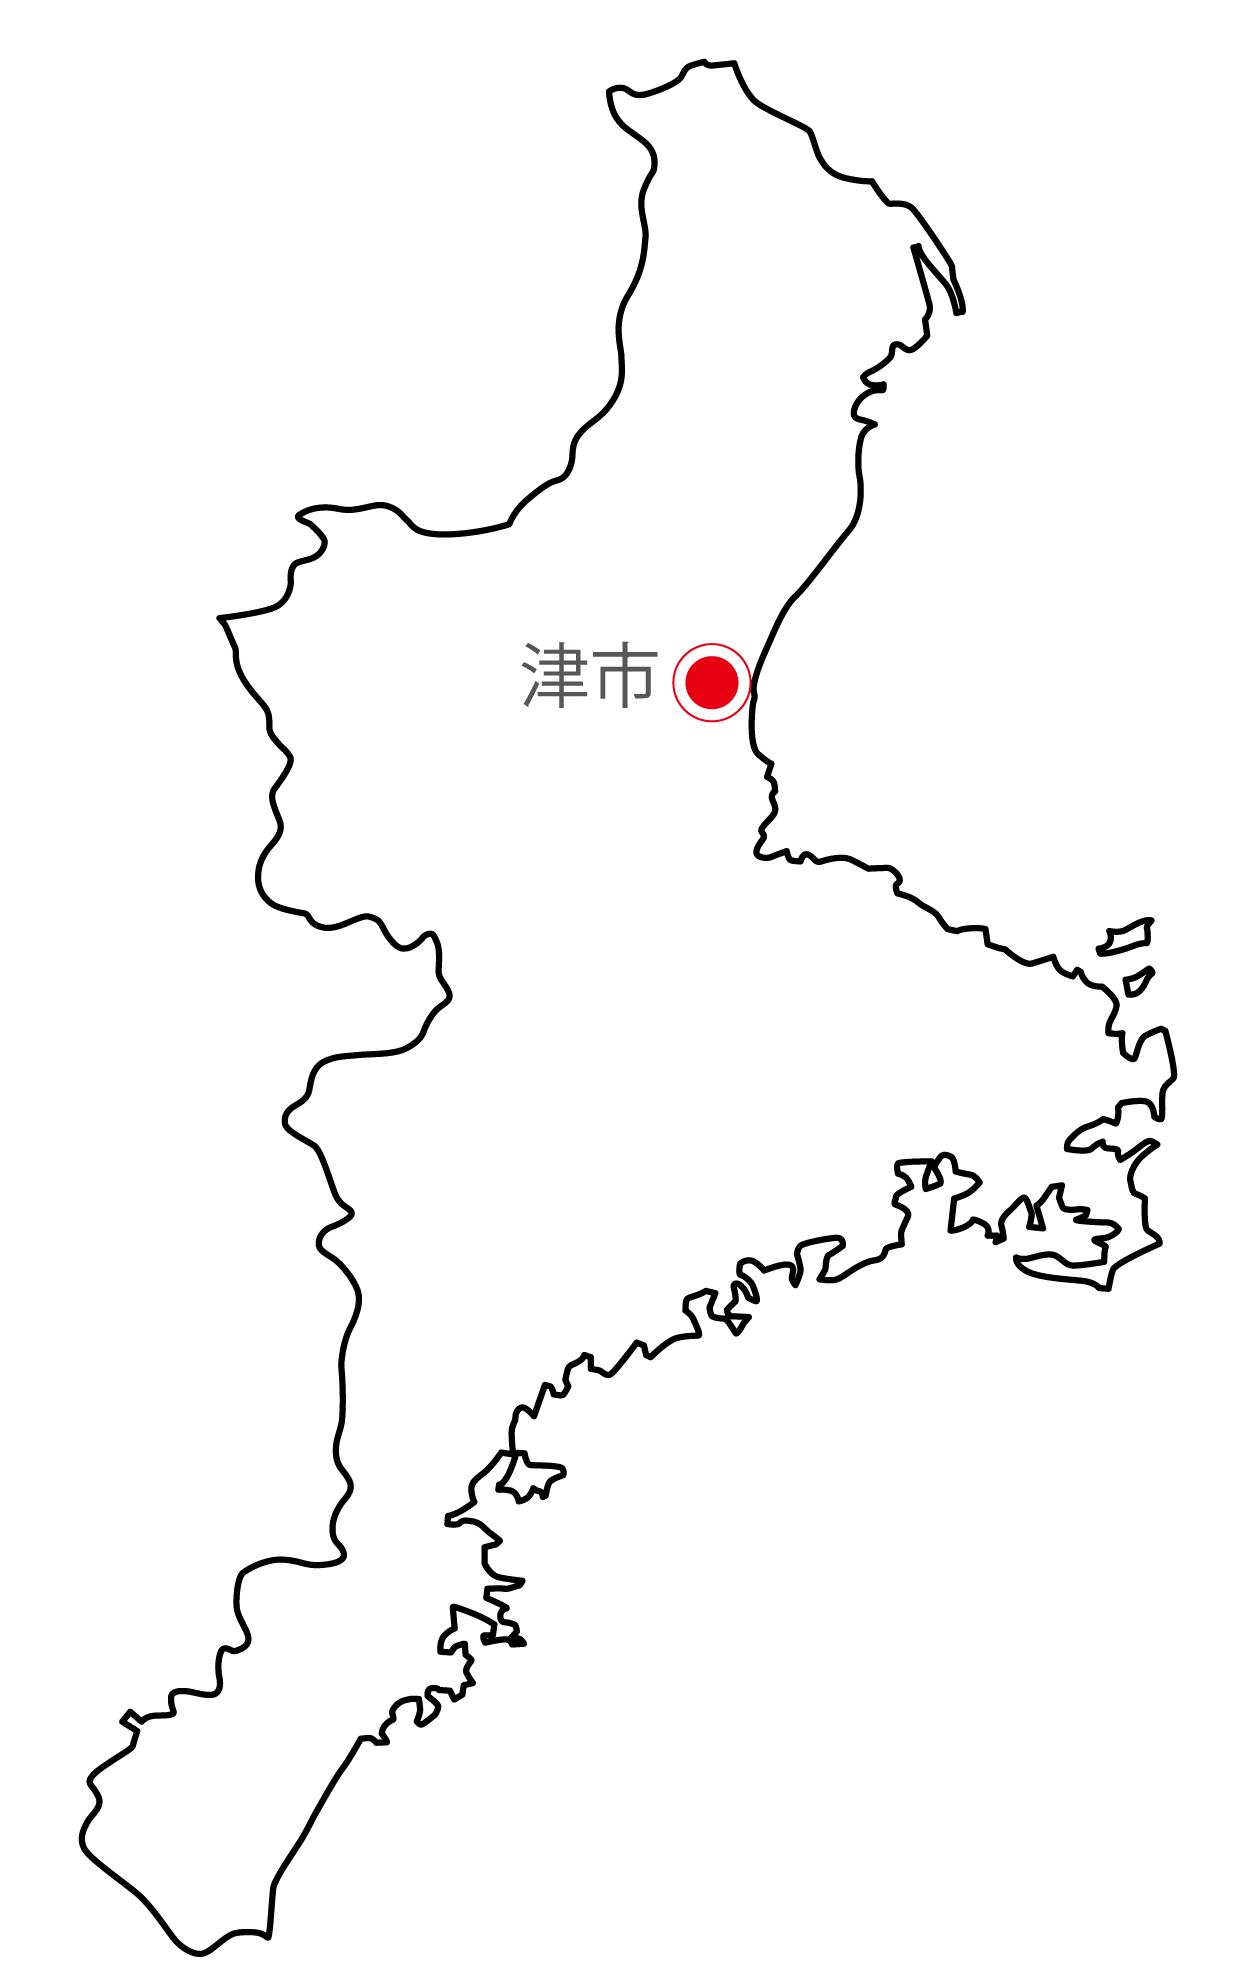 三重県無料フリーイラスト|日本語・県庁所在地あり(白)